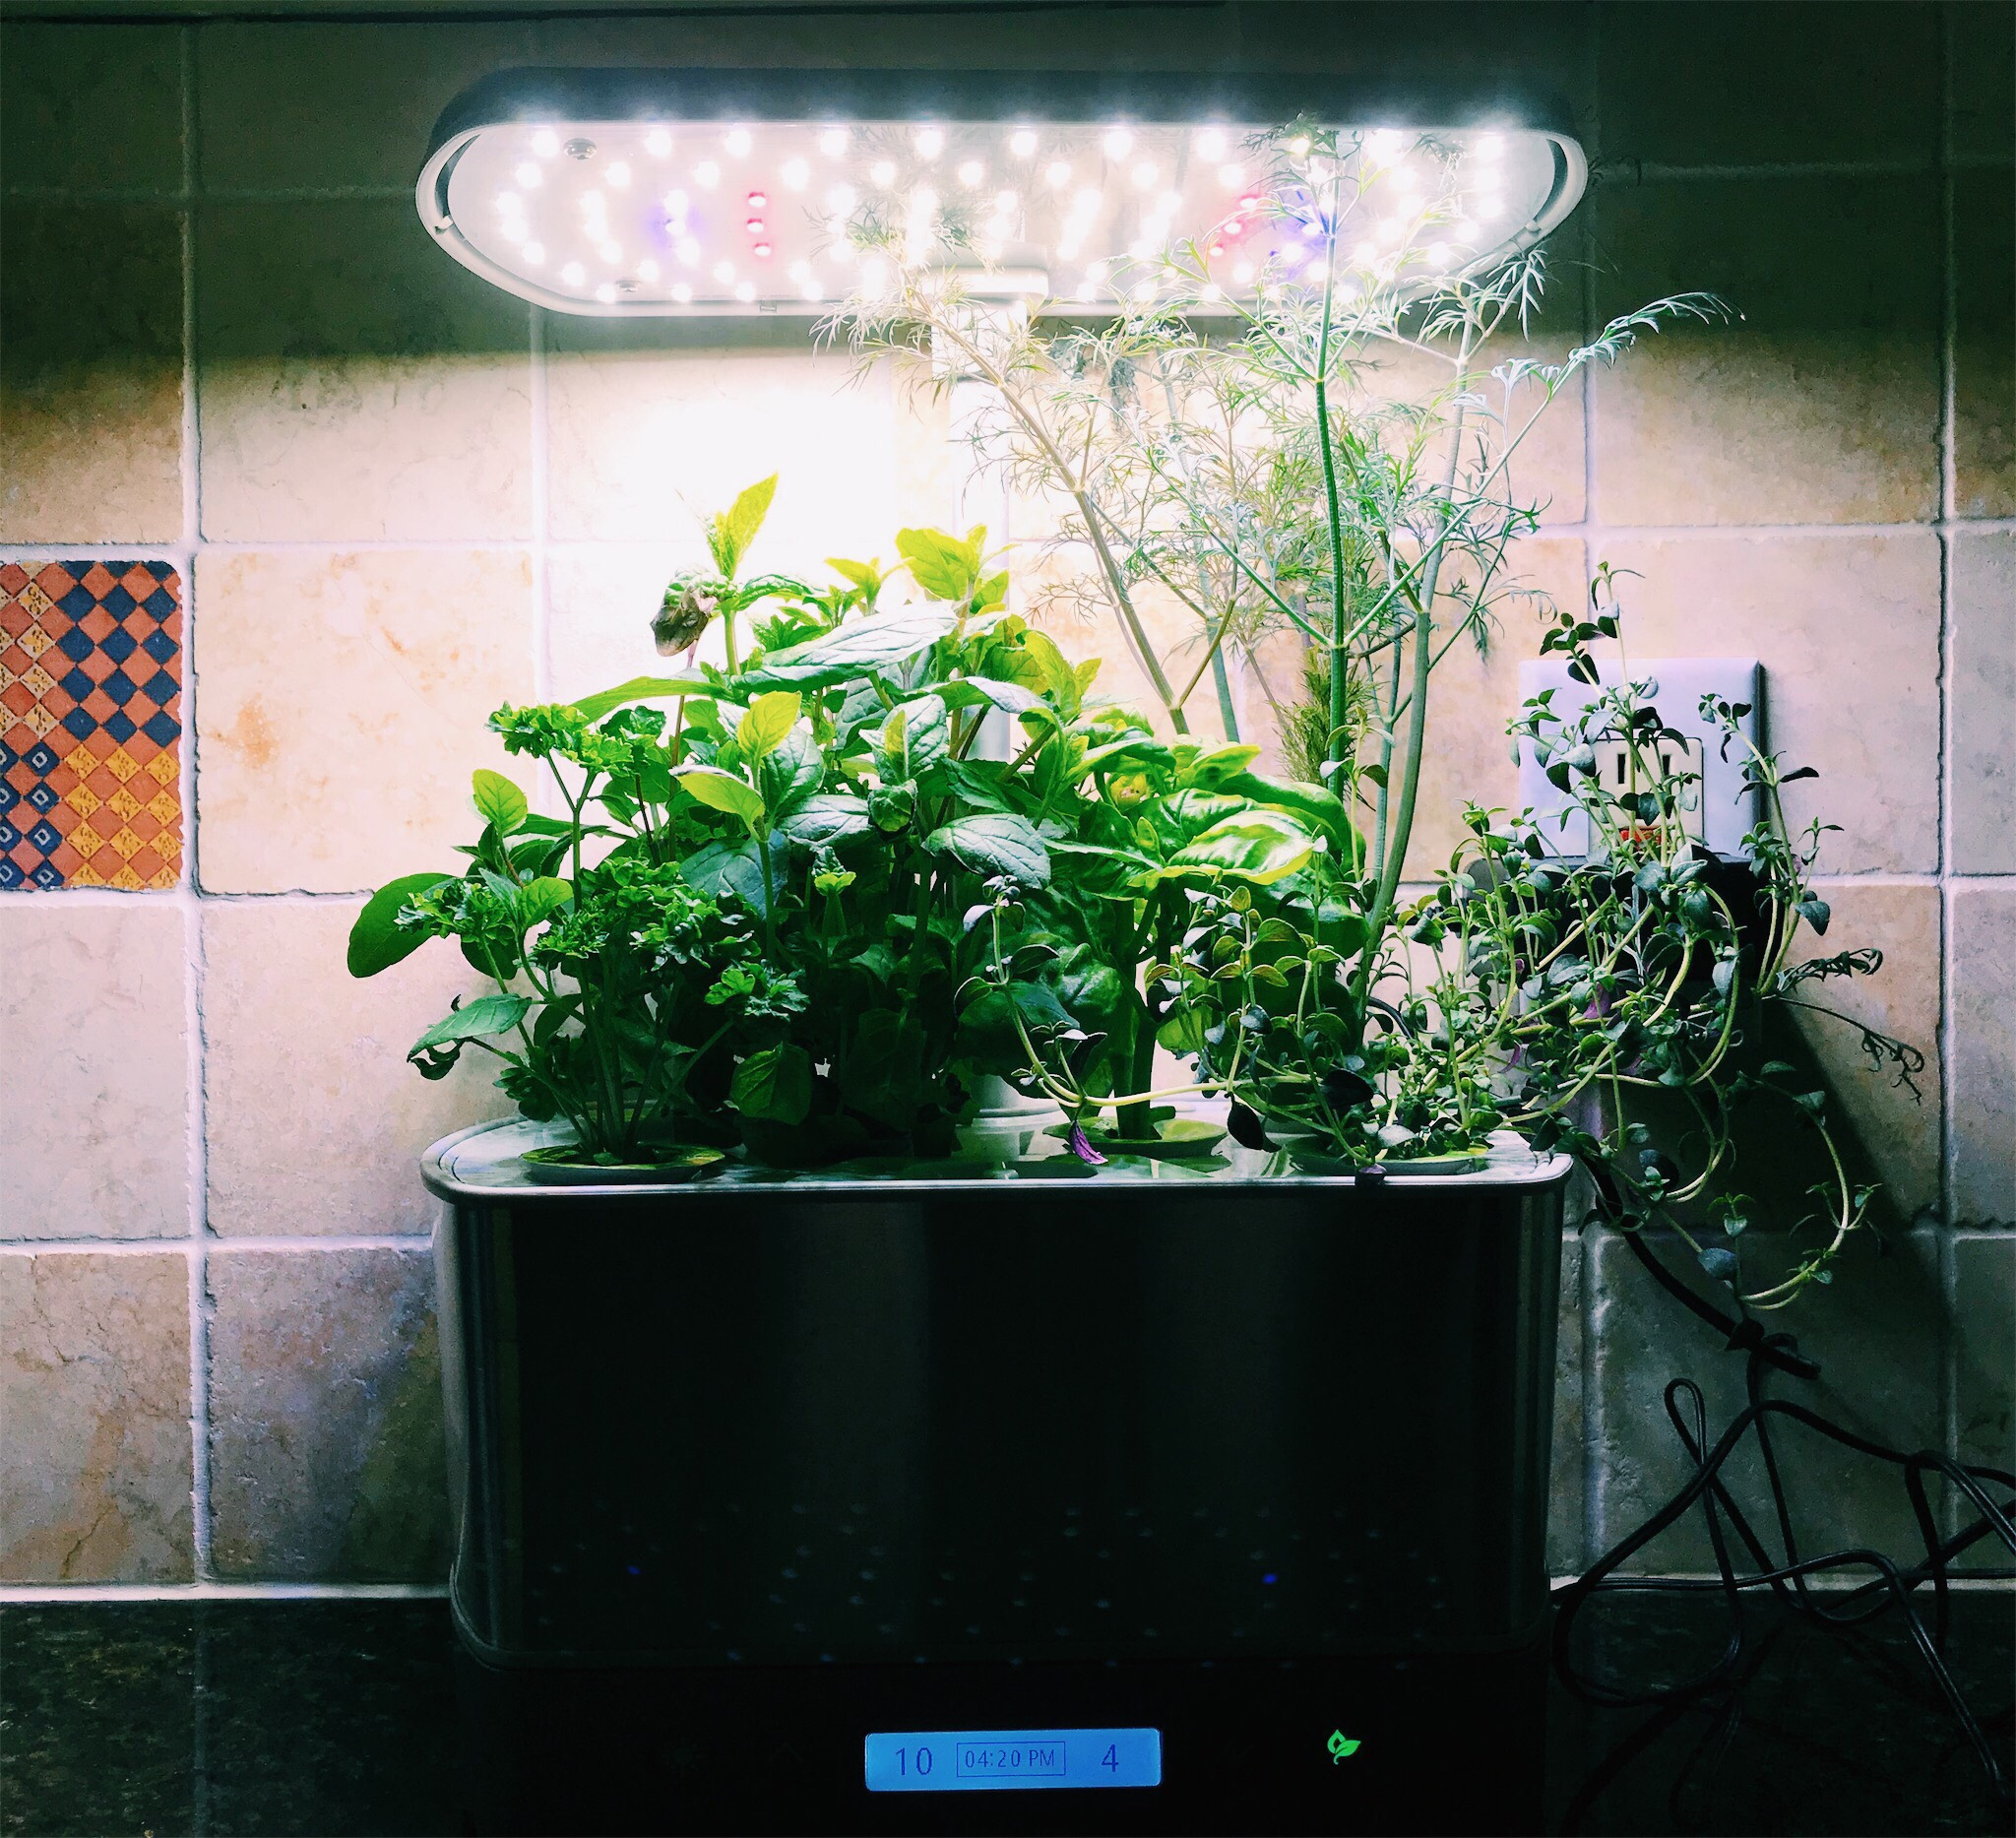 Miracle Grow Aero Garden